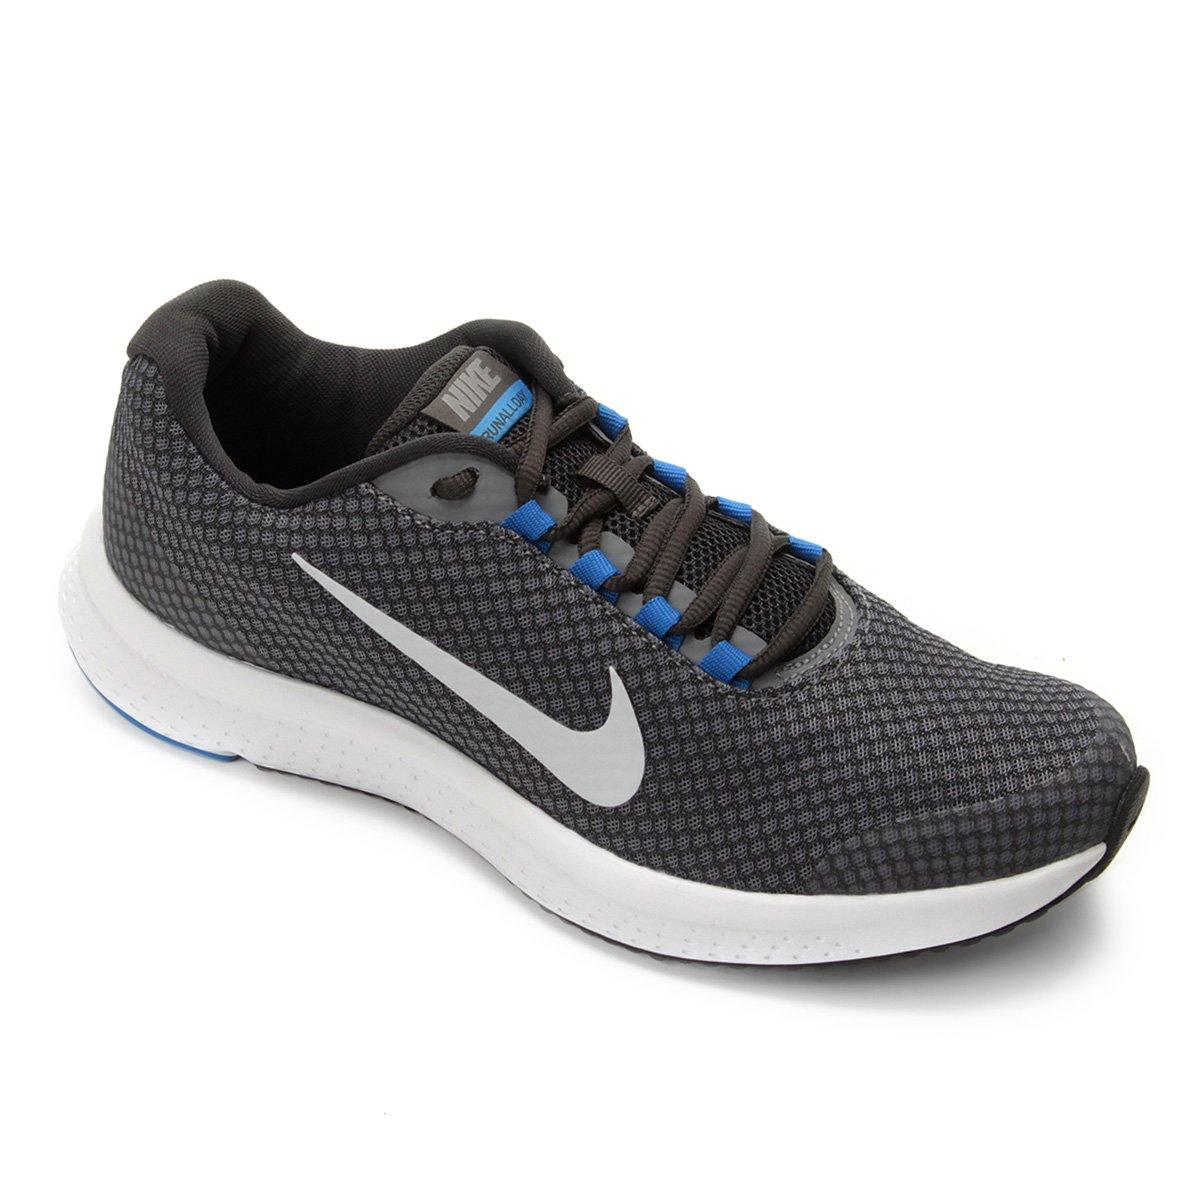 896e8ca28 Tênis Nike Runallday Masculino - Preto e Prata - Compre Agora